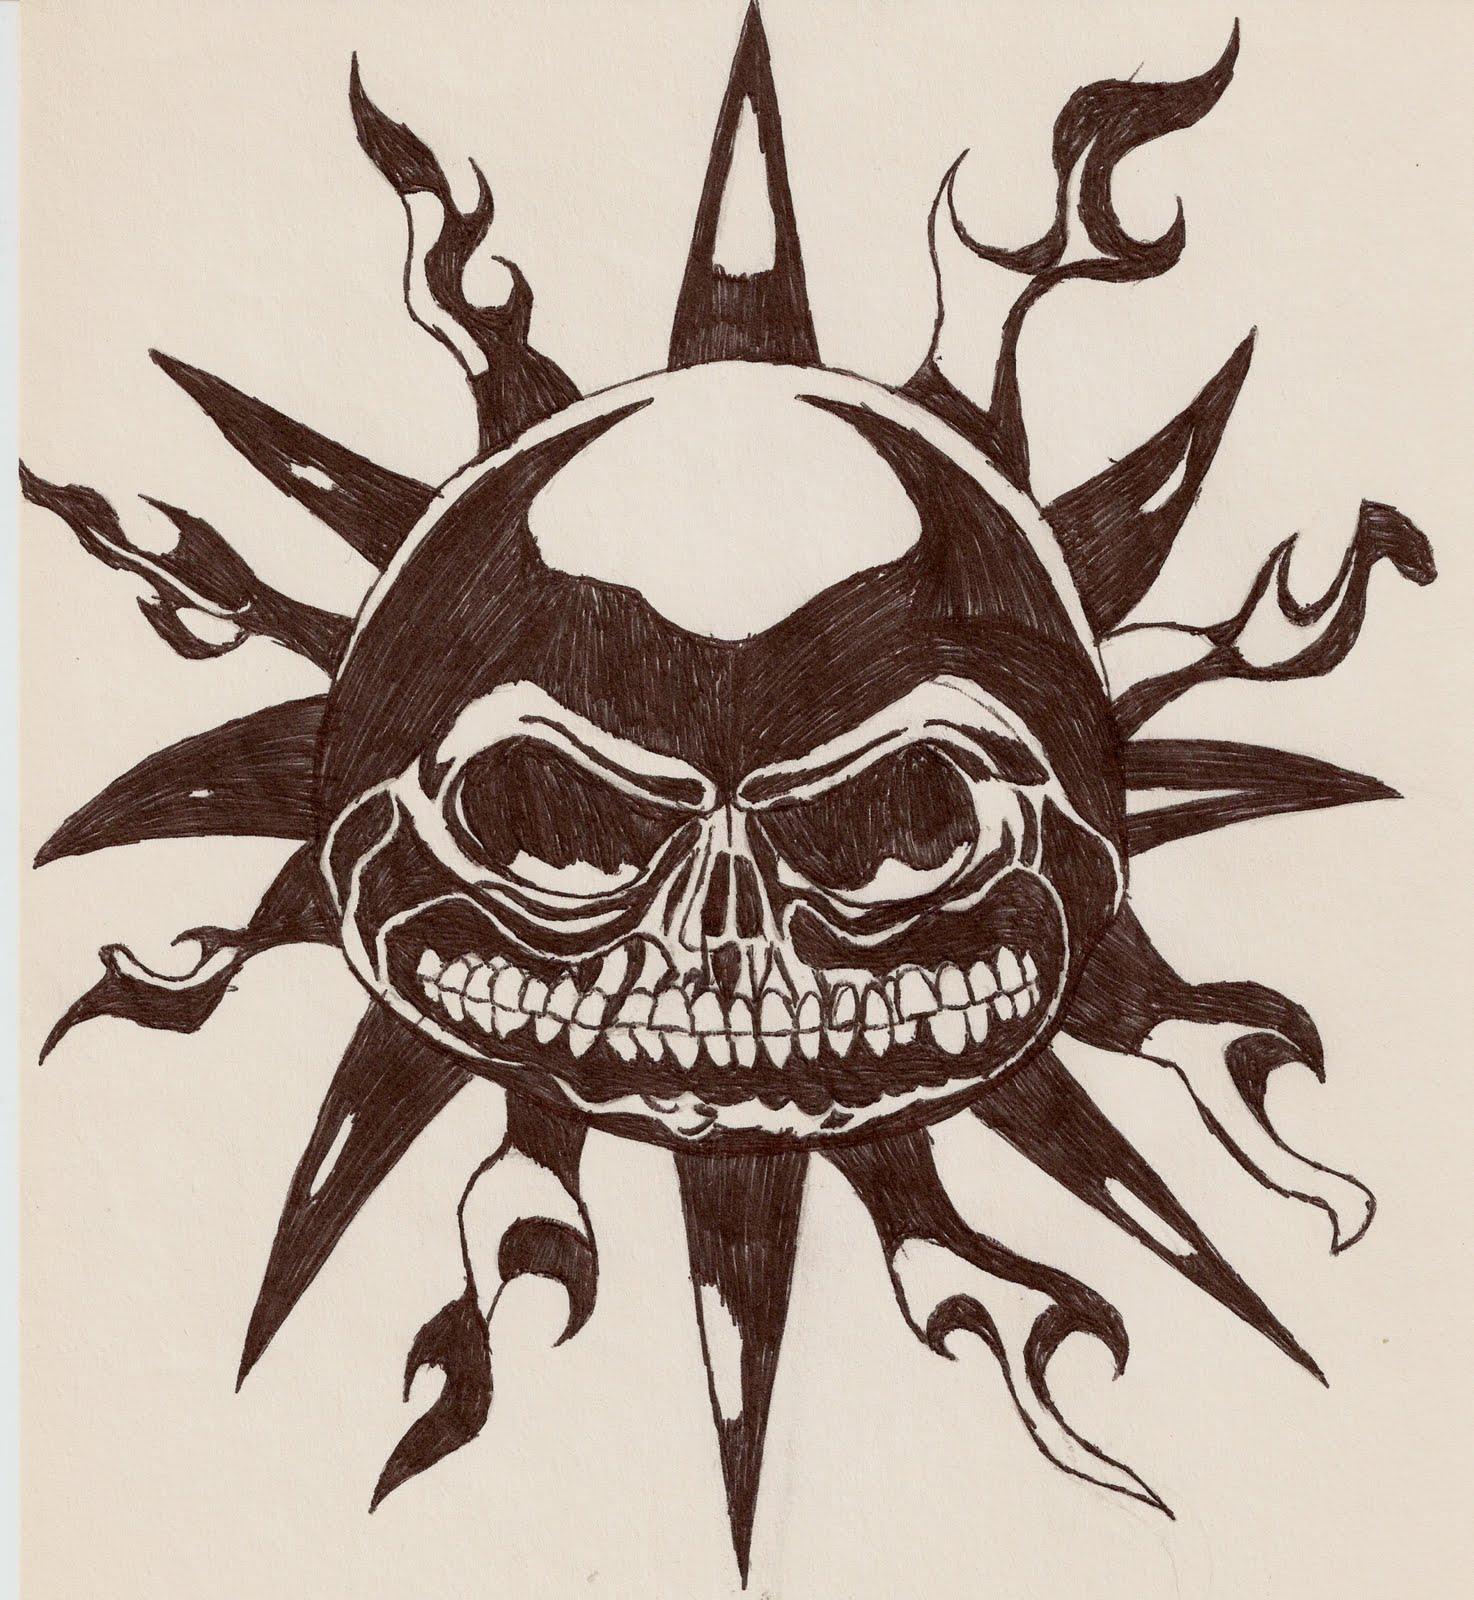 http://1.bp.blogspot.com/-dqtDEILwrXI/Tcbbl39n2EI/AAAAAAAAAGs/TGuSyJqwS2Q/s1600/scan0044.jpg